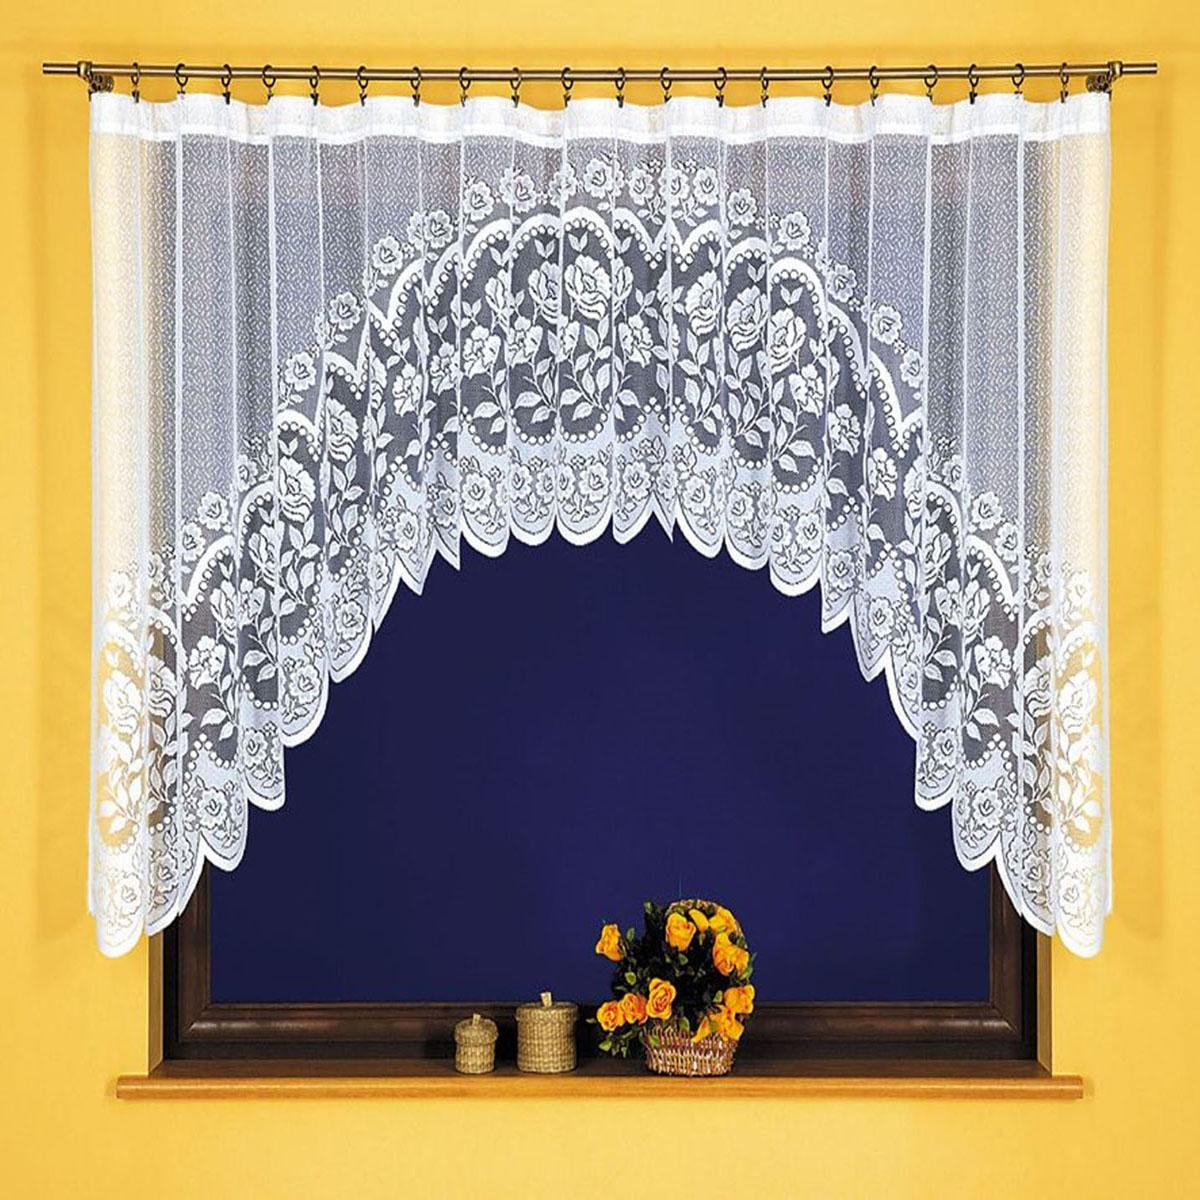 Штора для кухни Wisan, на ленте, цвет: белый, высота 120 см. 2281VCA-00Штора-арка Wisan, выполненная из легкого полупрозрачного полиэстера белого цвета, станет великолепным украшением кухонного окна. Изделие имеет ассиметричную длину и красивый цветочный рисунок по всей поверхности полотна. Качественный материал и оригинальный дизайн привлекут к себе внимание и позволят шторе органично вписаться в интерьер помещения. Штора оснащена шторной лентой под зажимы для крепления на карниз.